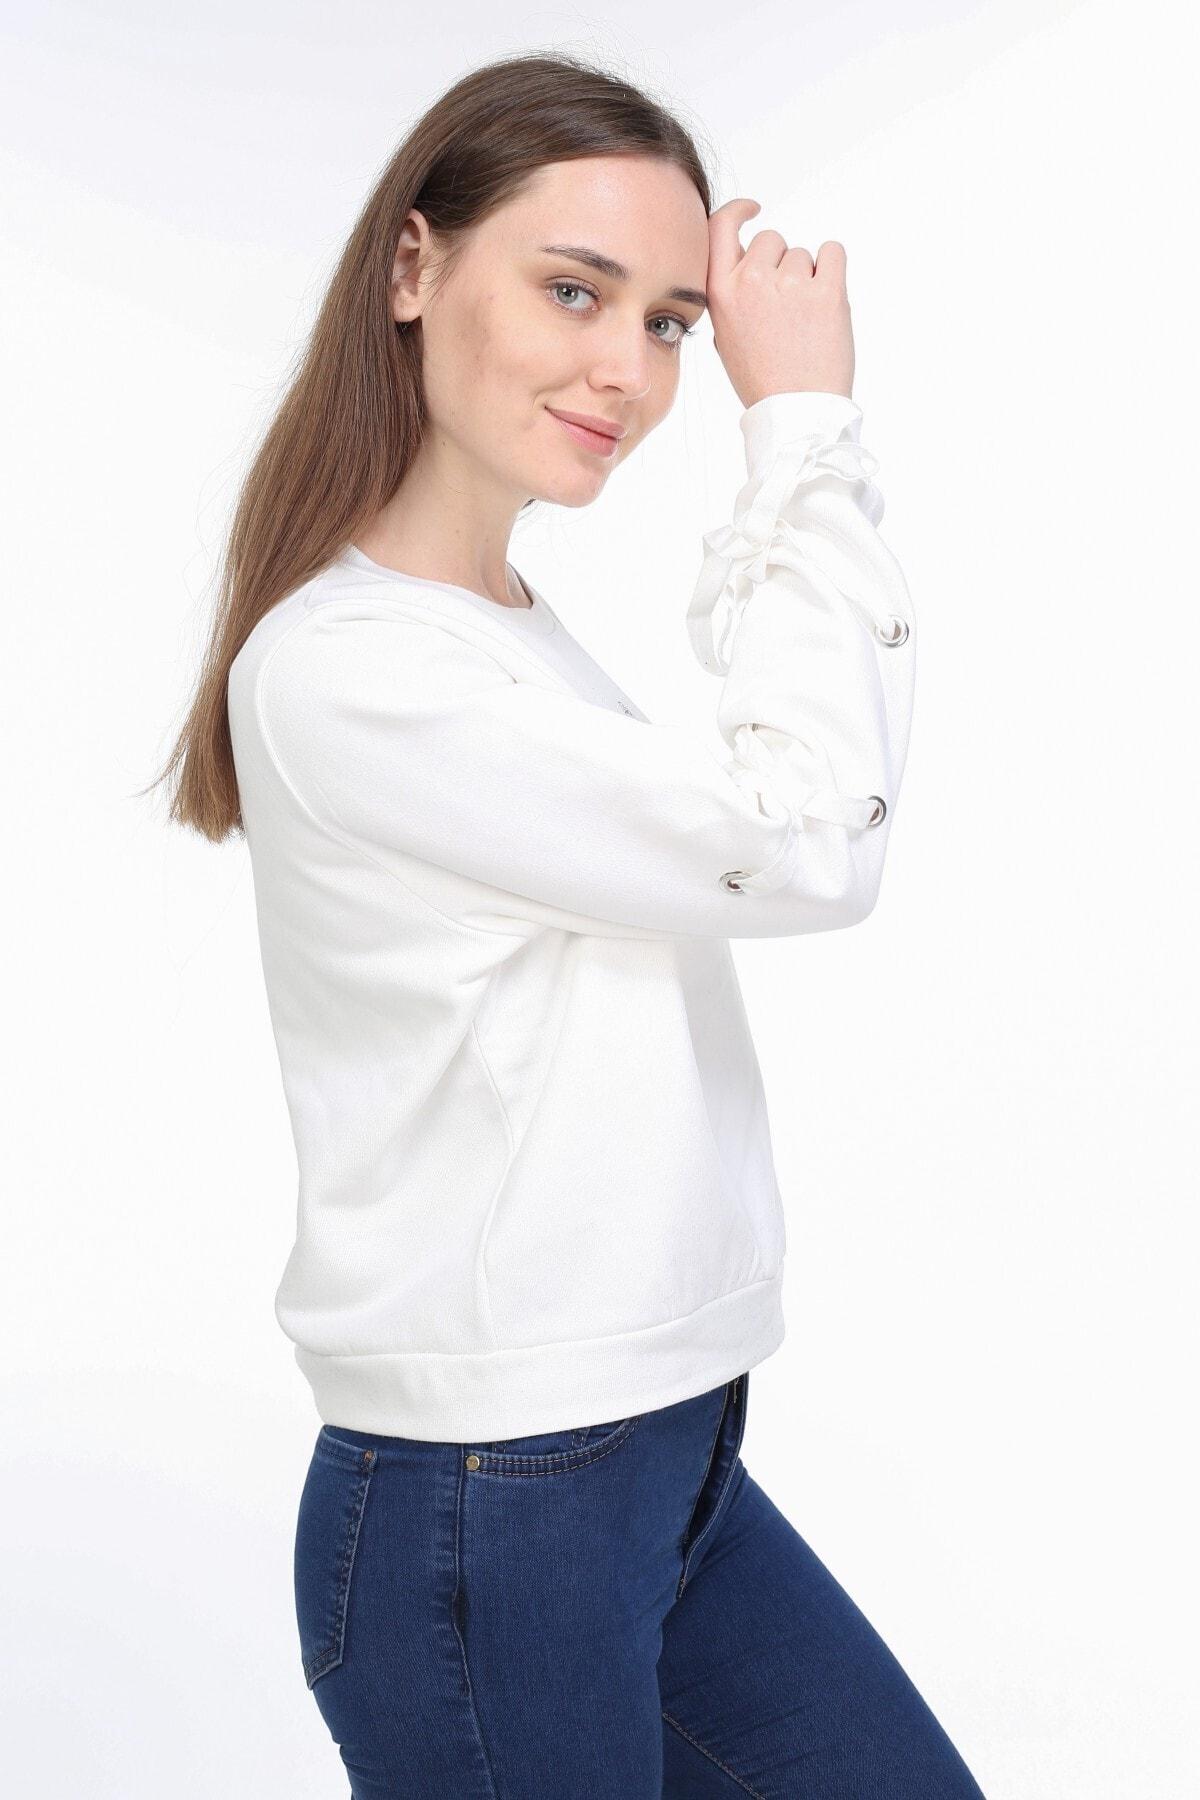 PARPALİ Kadın Ekru Kol Detaylı Mini Bel Üstü Taşlı Baskılı Pamuklu Kelebek Sweatshirt 2